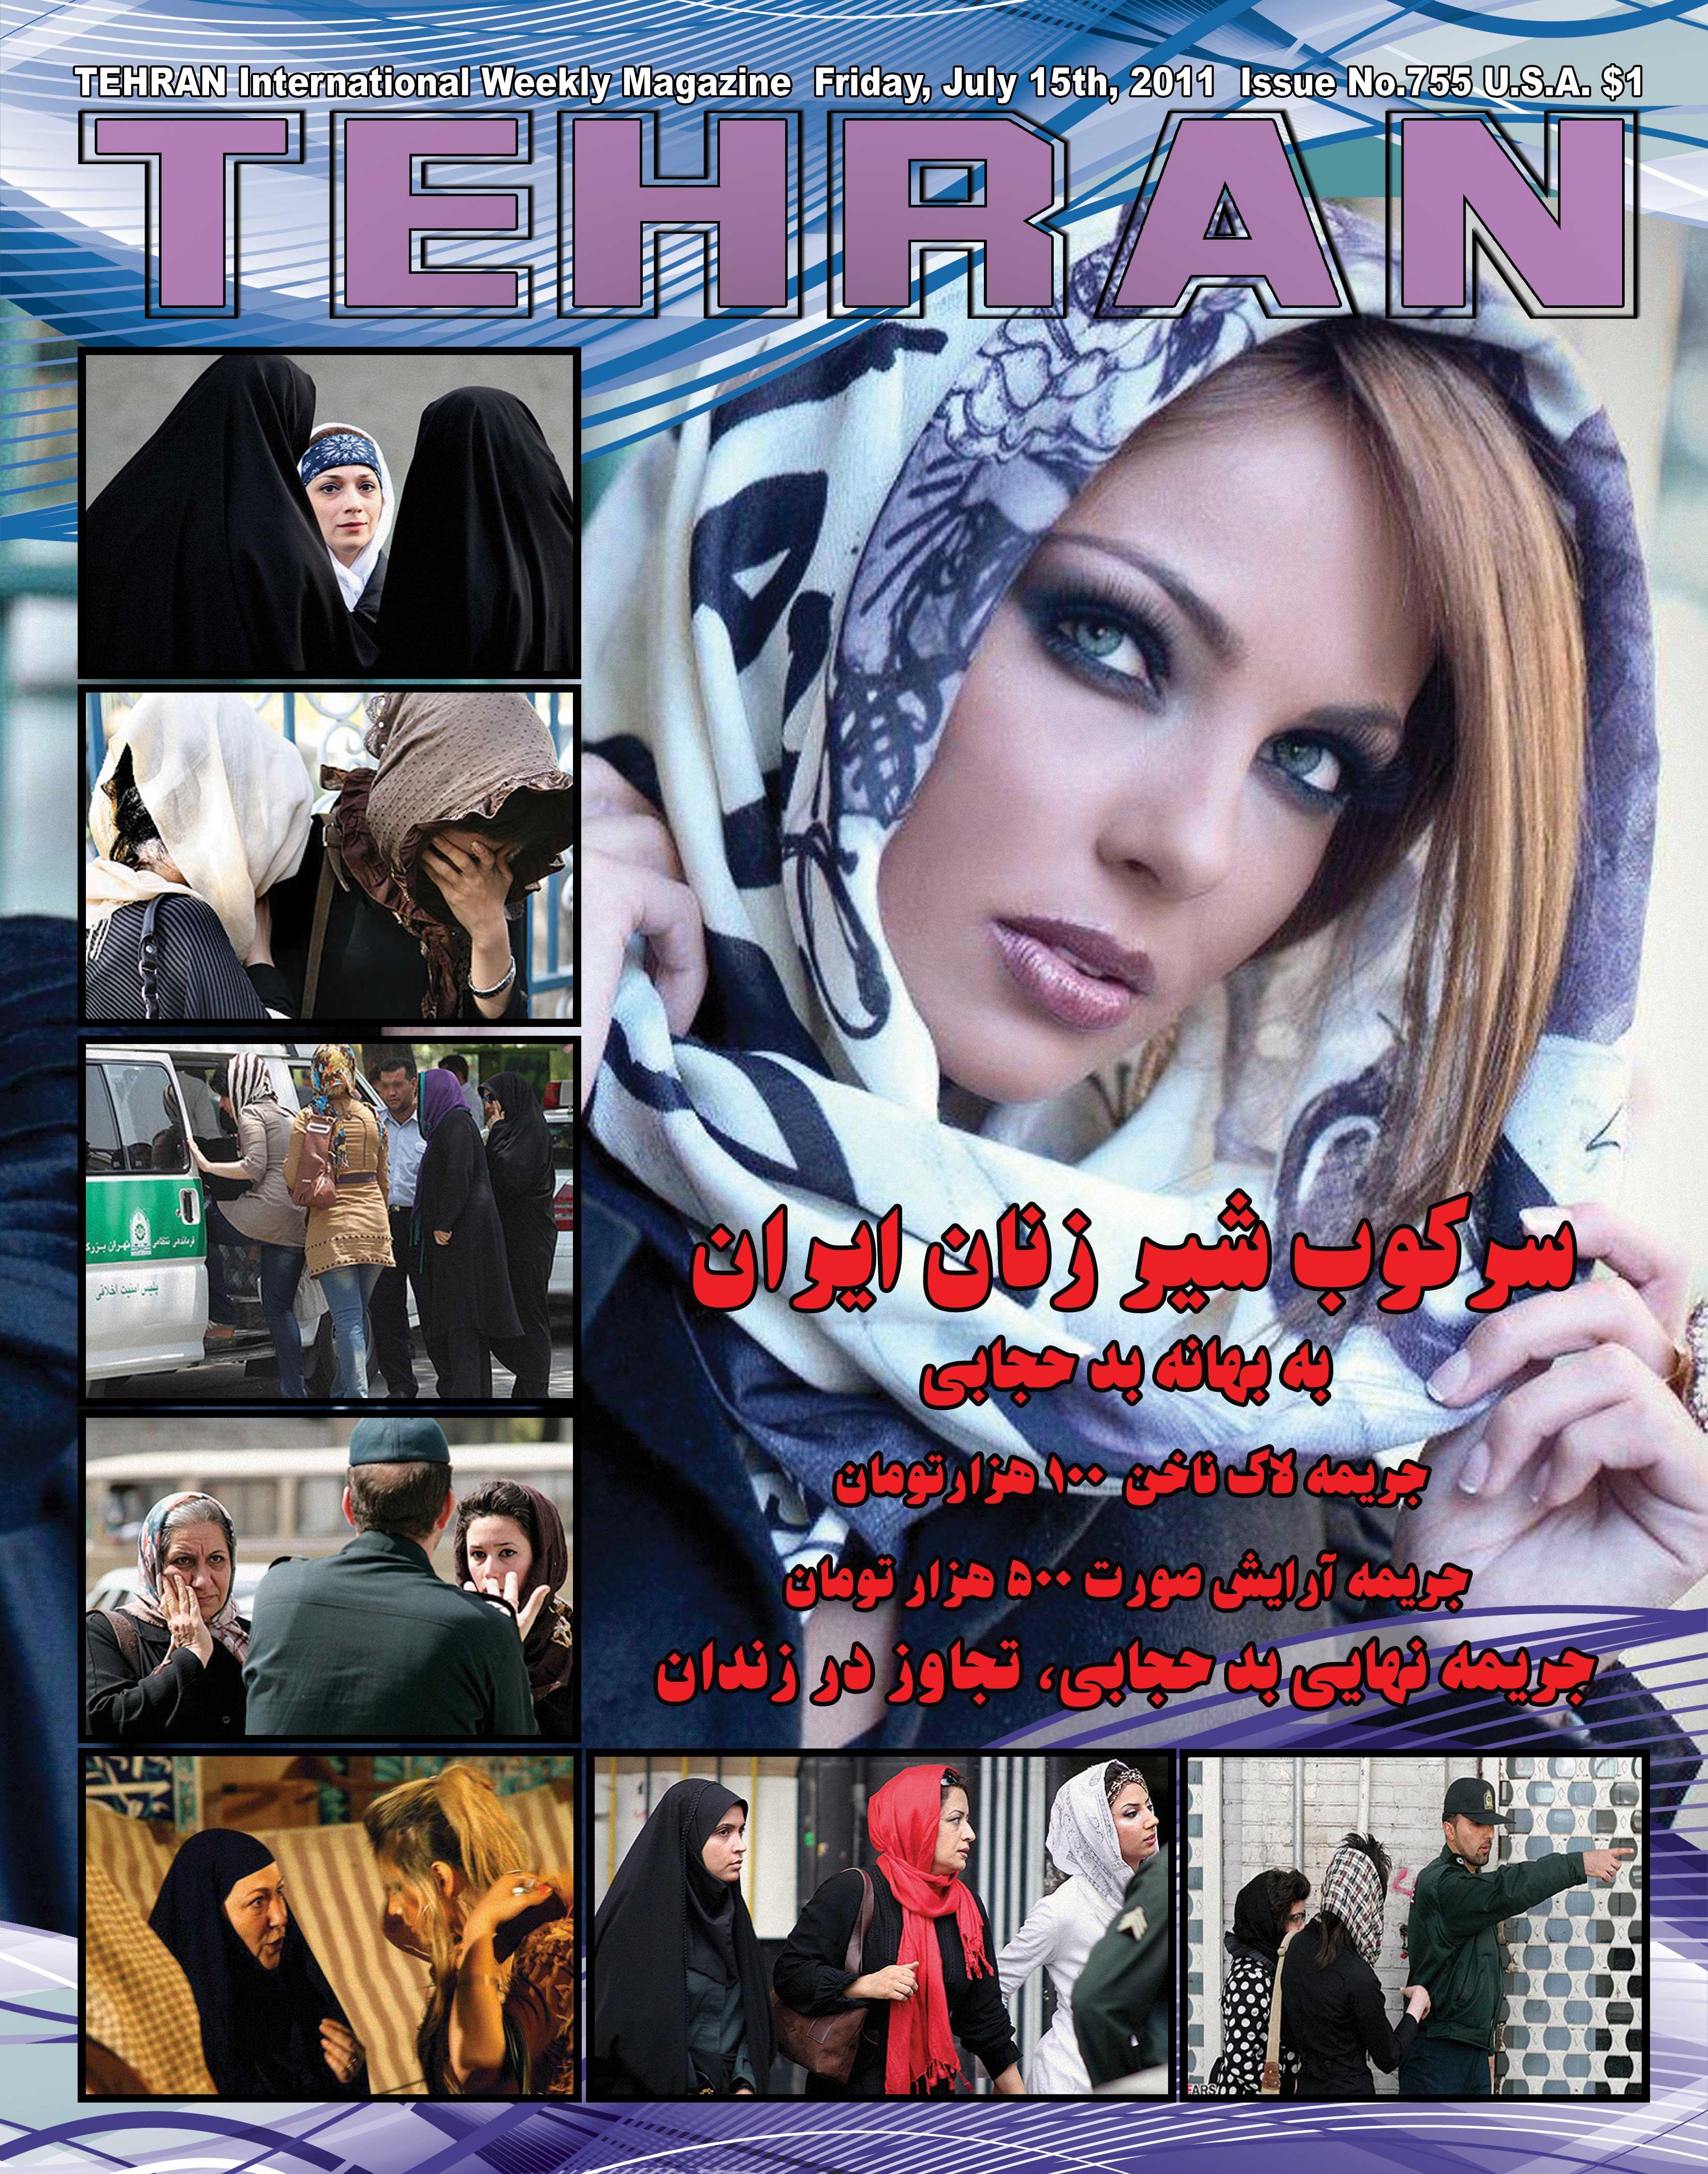 755-iranian-women